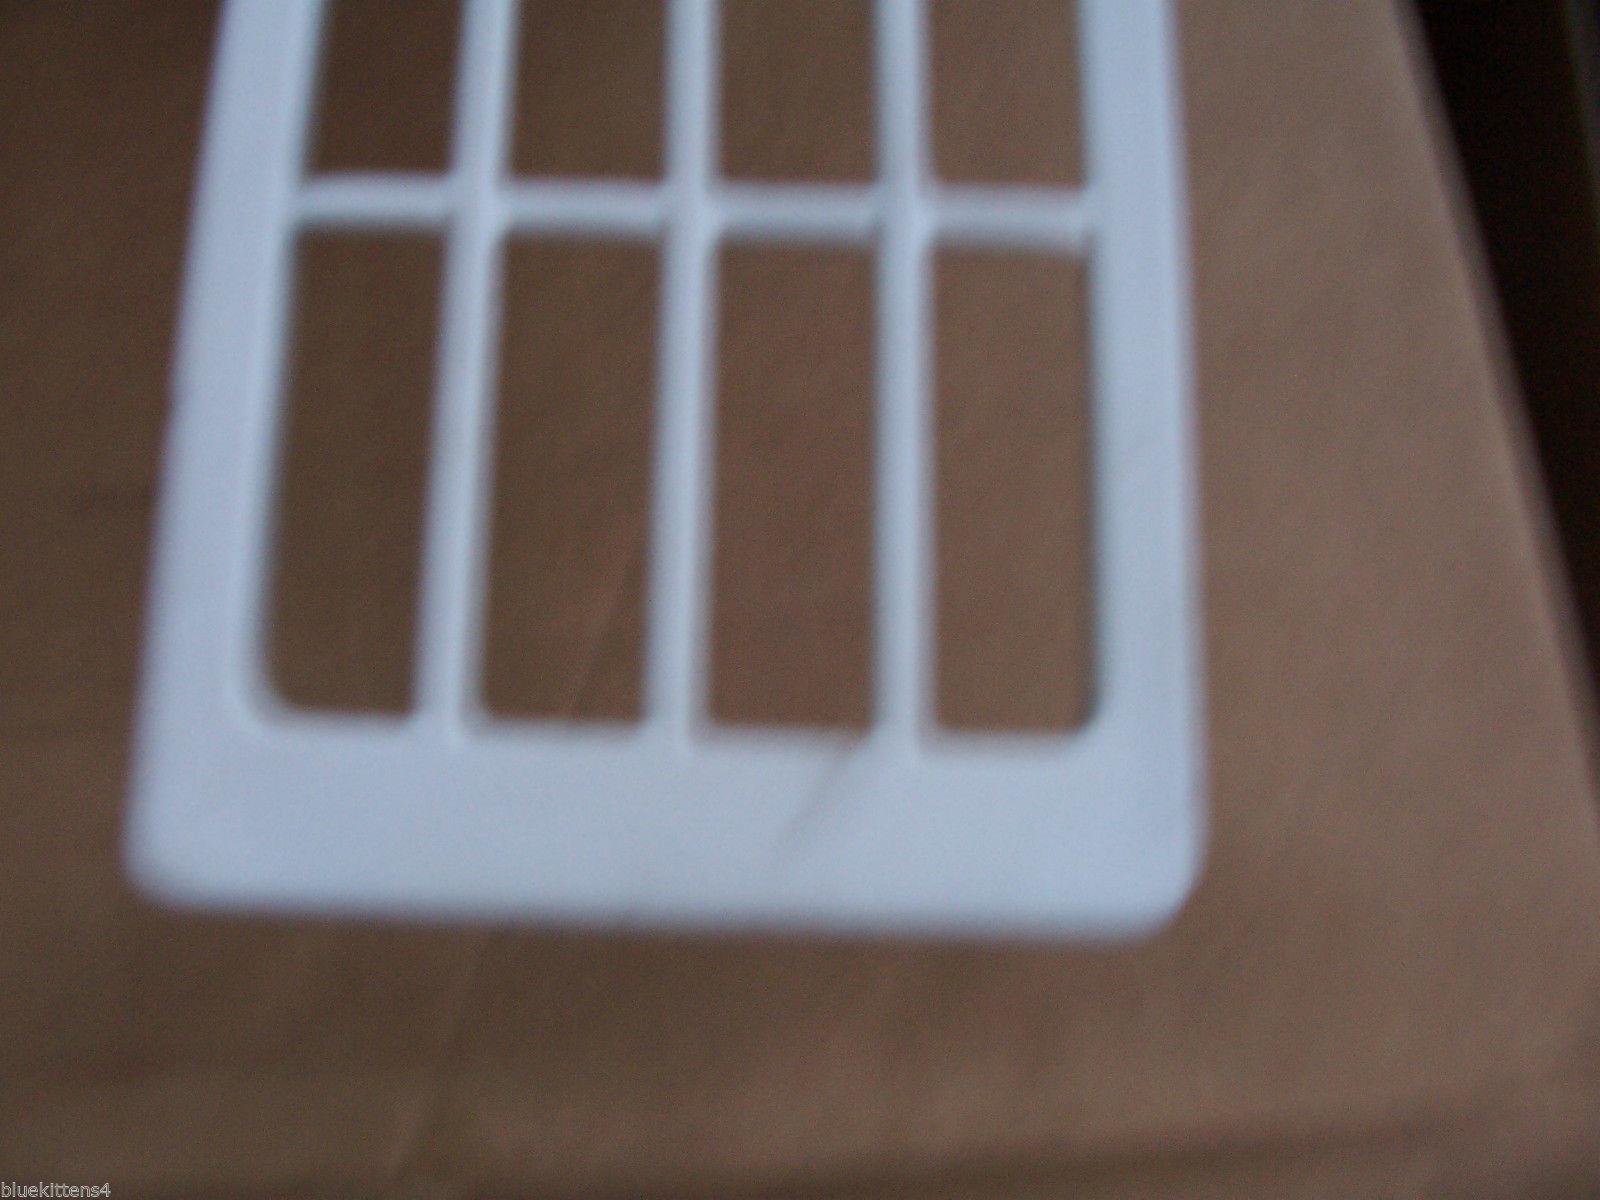 1972 OLDS 98 TRIM BEZEL ONLY SIDE MARKER SIGNAL LIGHT TRIM BEZEL HAS DENT 1973 image 5